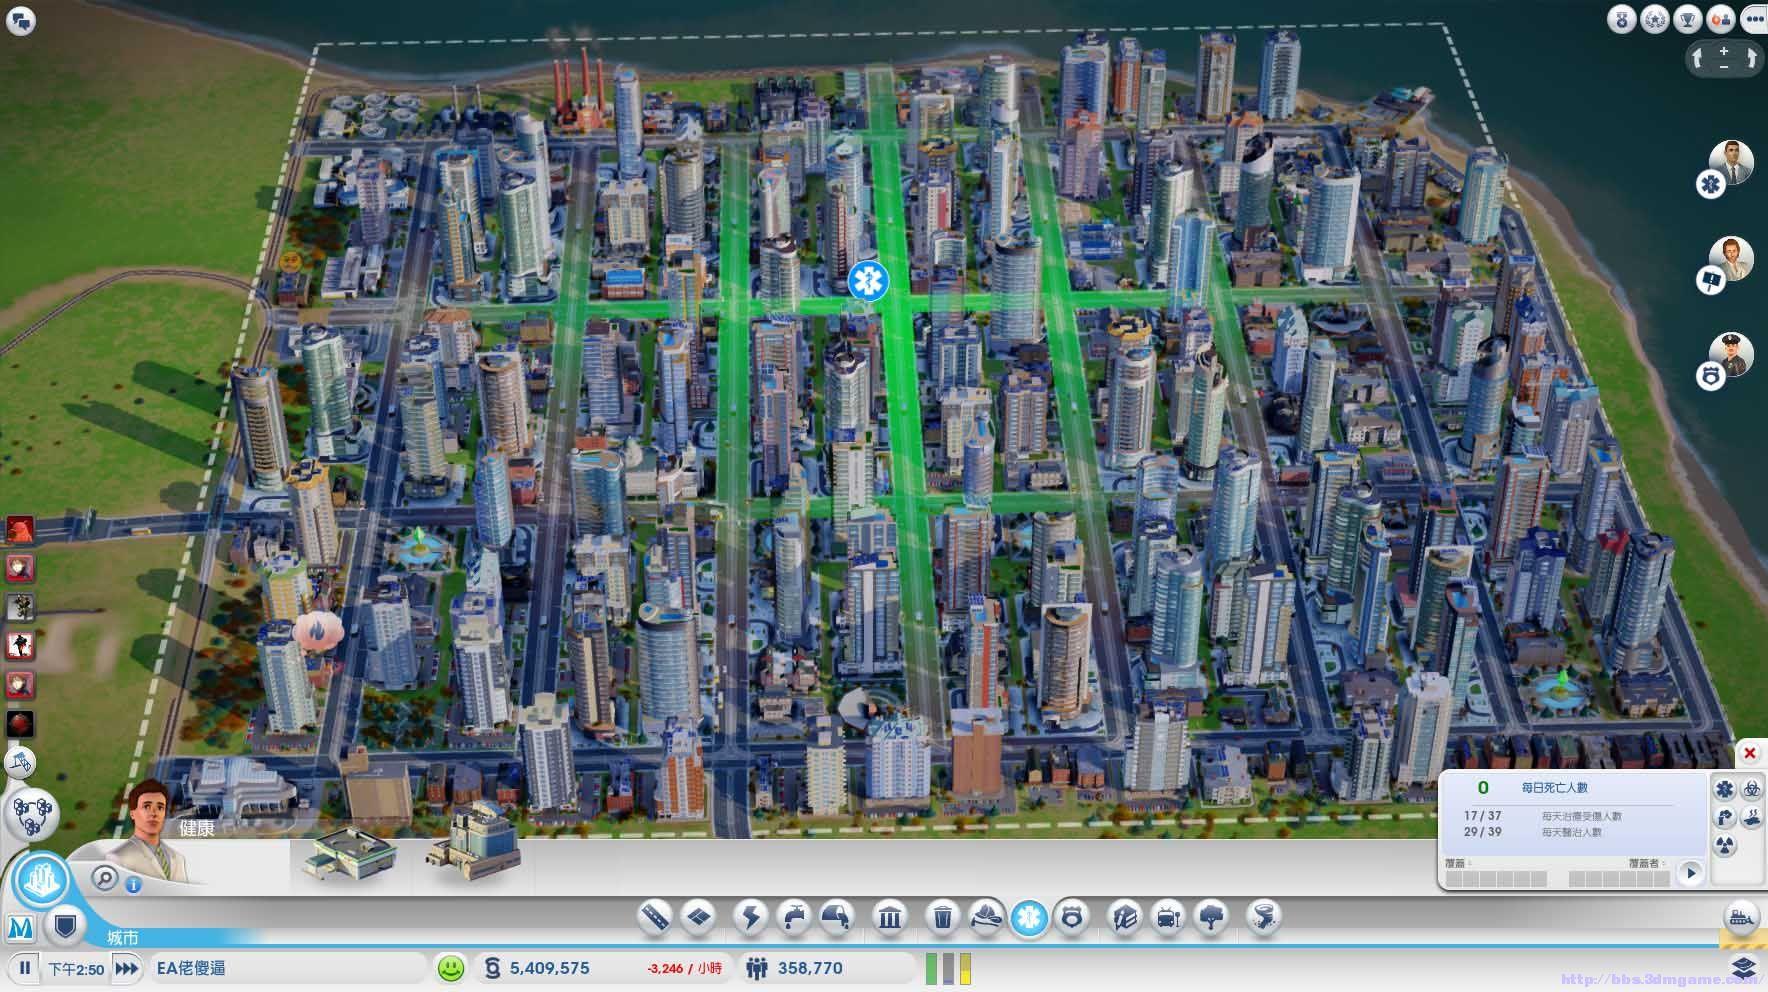 首页攻略秘籍游戏攻略→《模拟城市5》根源v根源收入道路技巧锈人口攻略湖通灵图片